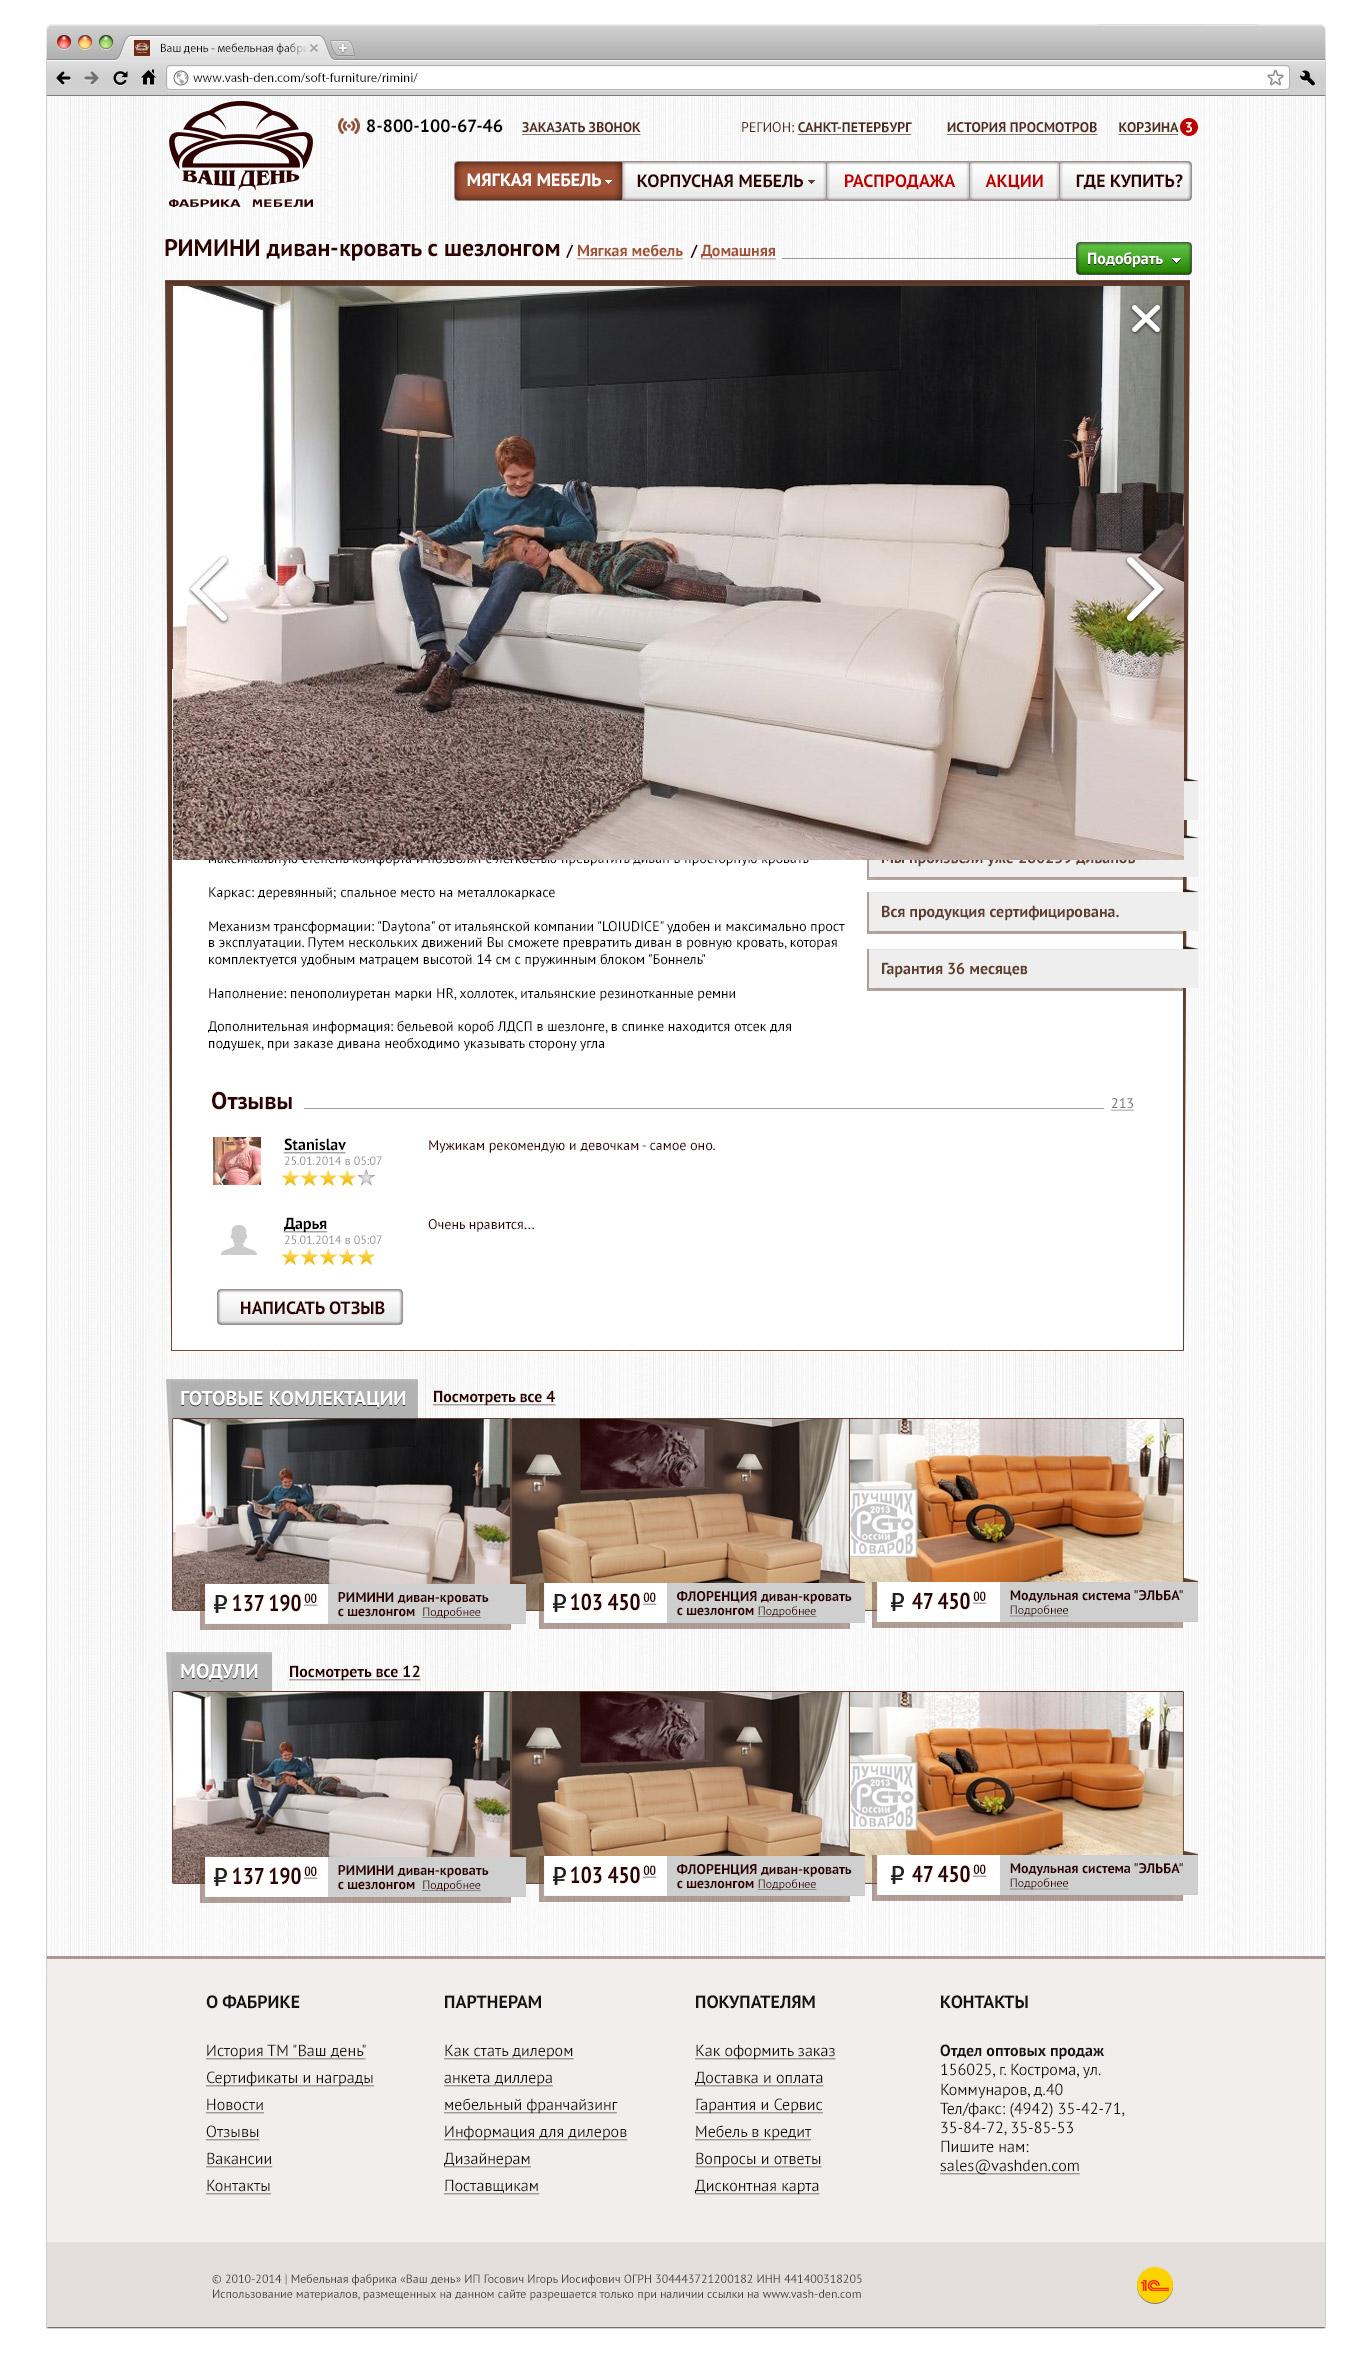 Разработать дизайн для интернет-магазина мебели фото f_89152f365782f9df.jpg